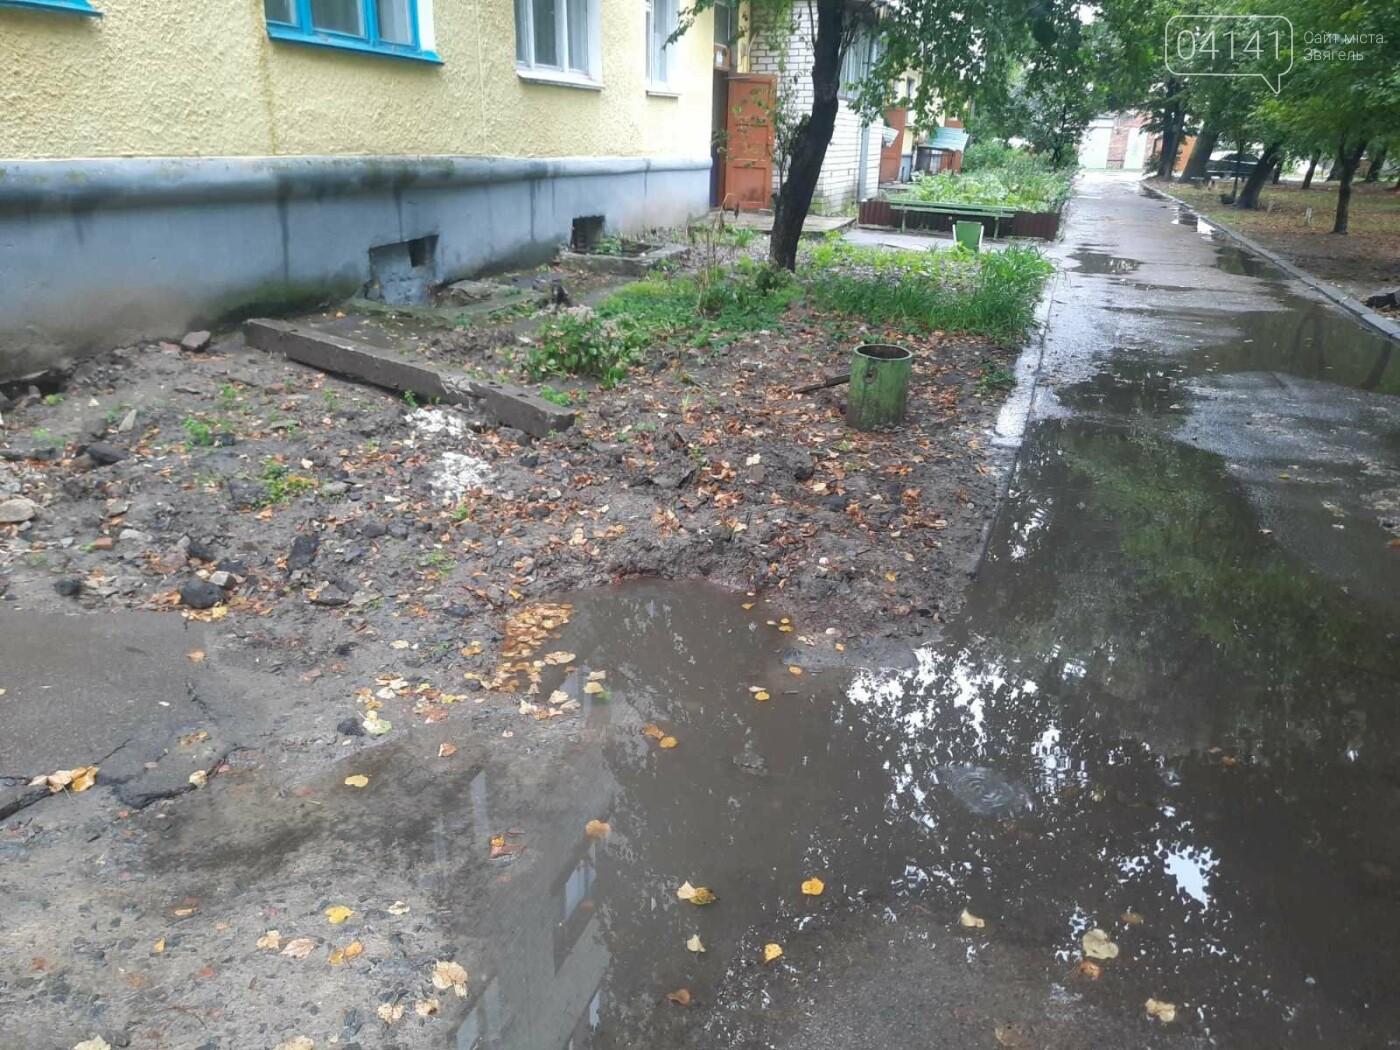 Танком не проїдеш: Жителі будинку по вулиці Пушкіна про благоустрій їх дому, фото-7